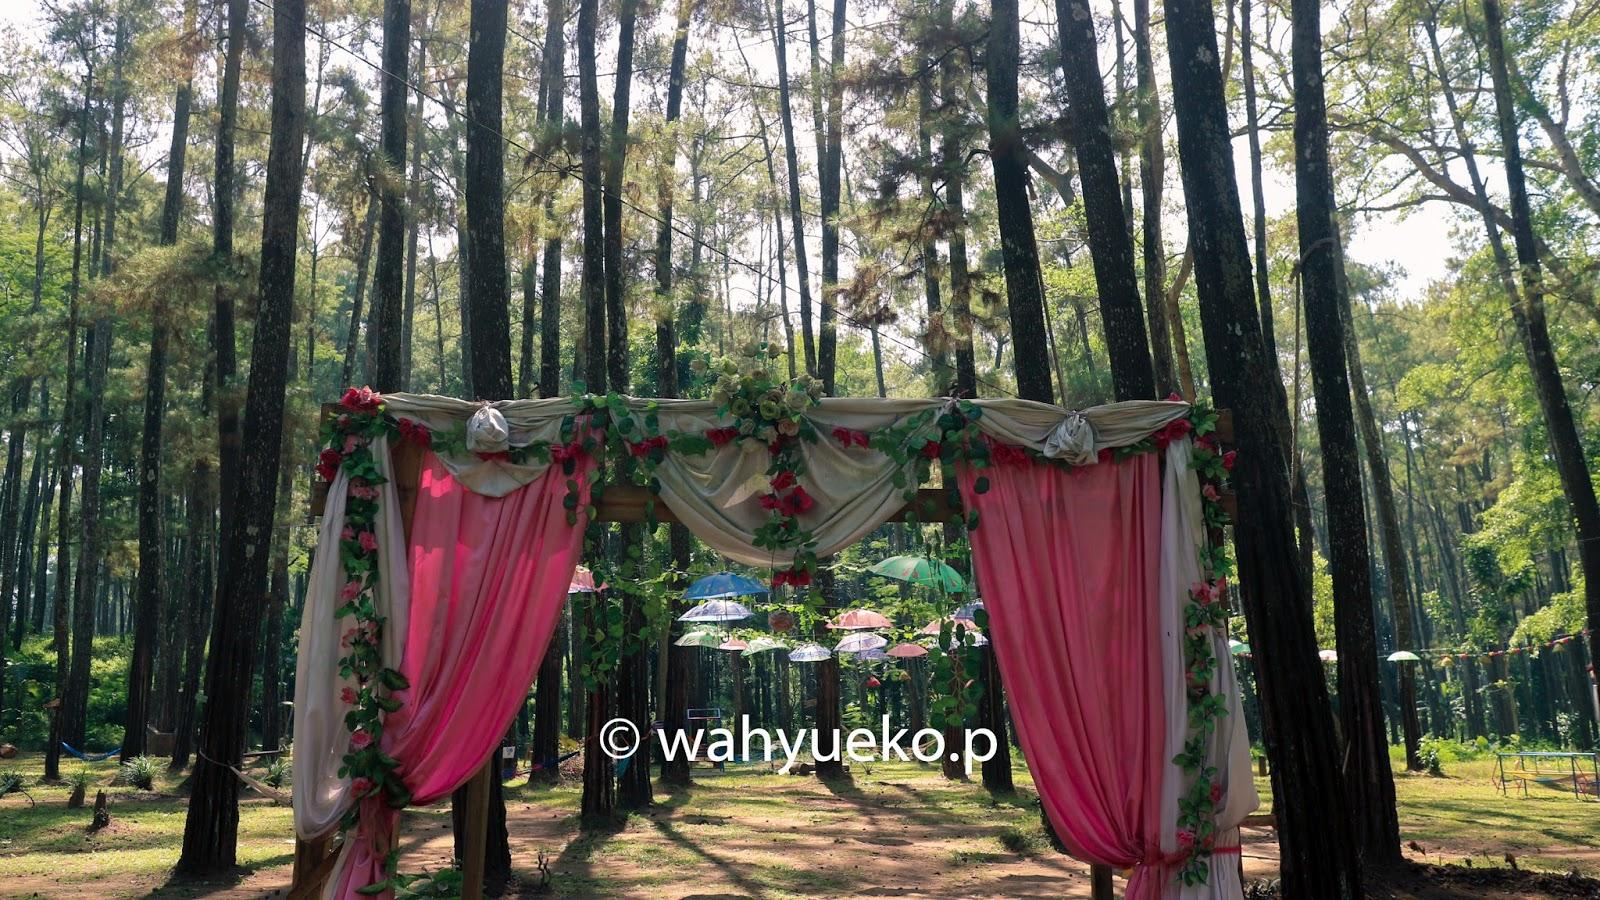 Hutan Tasnan Cerita Citra Bondowoso Iya Terletak Desa Taman Kec